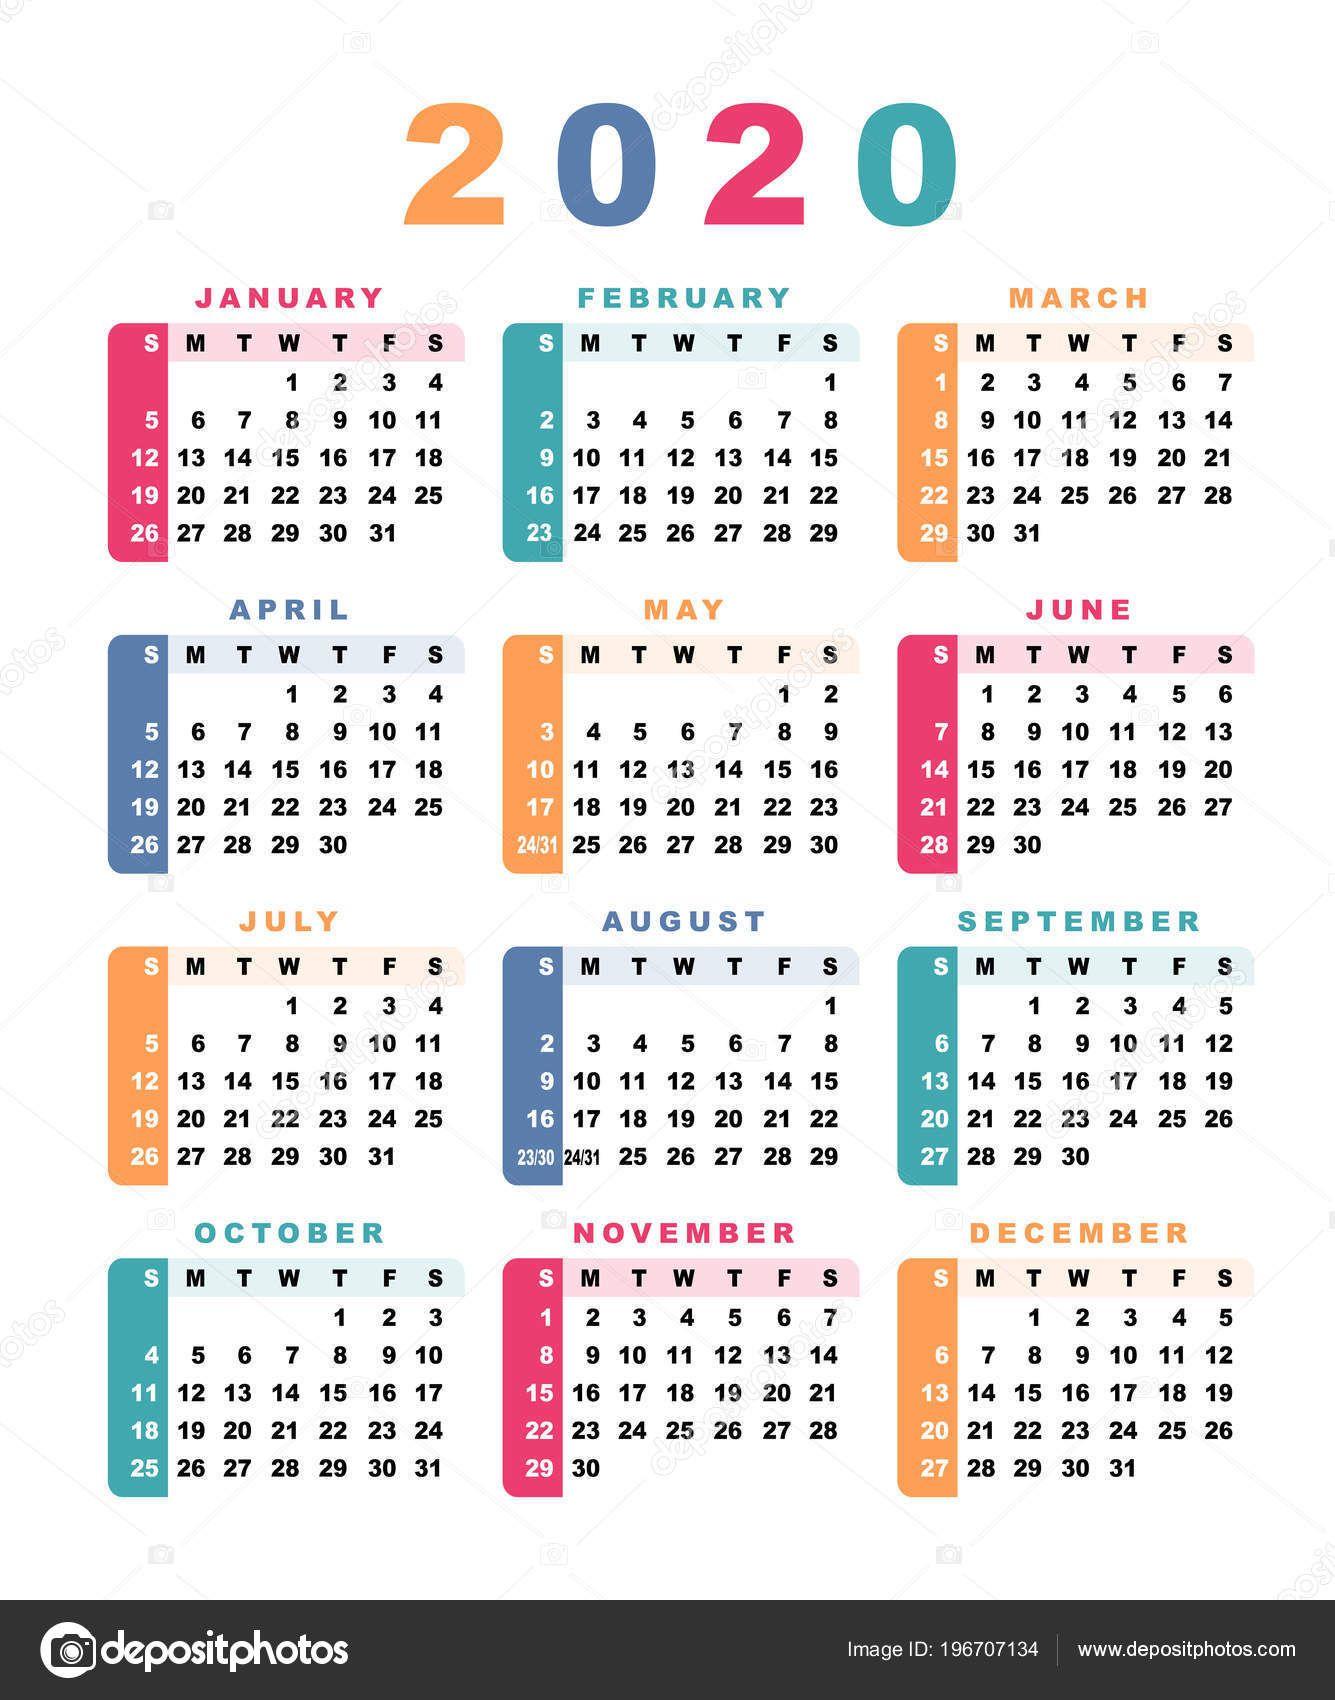 Calendario 2020 2020.Resultado De Imagem Para Calendario 2020 Em Portugues Do